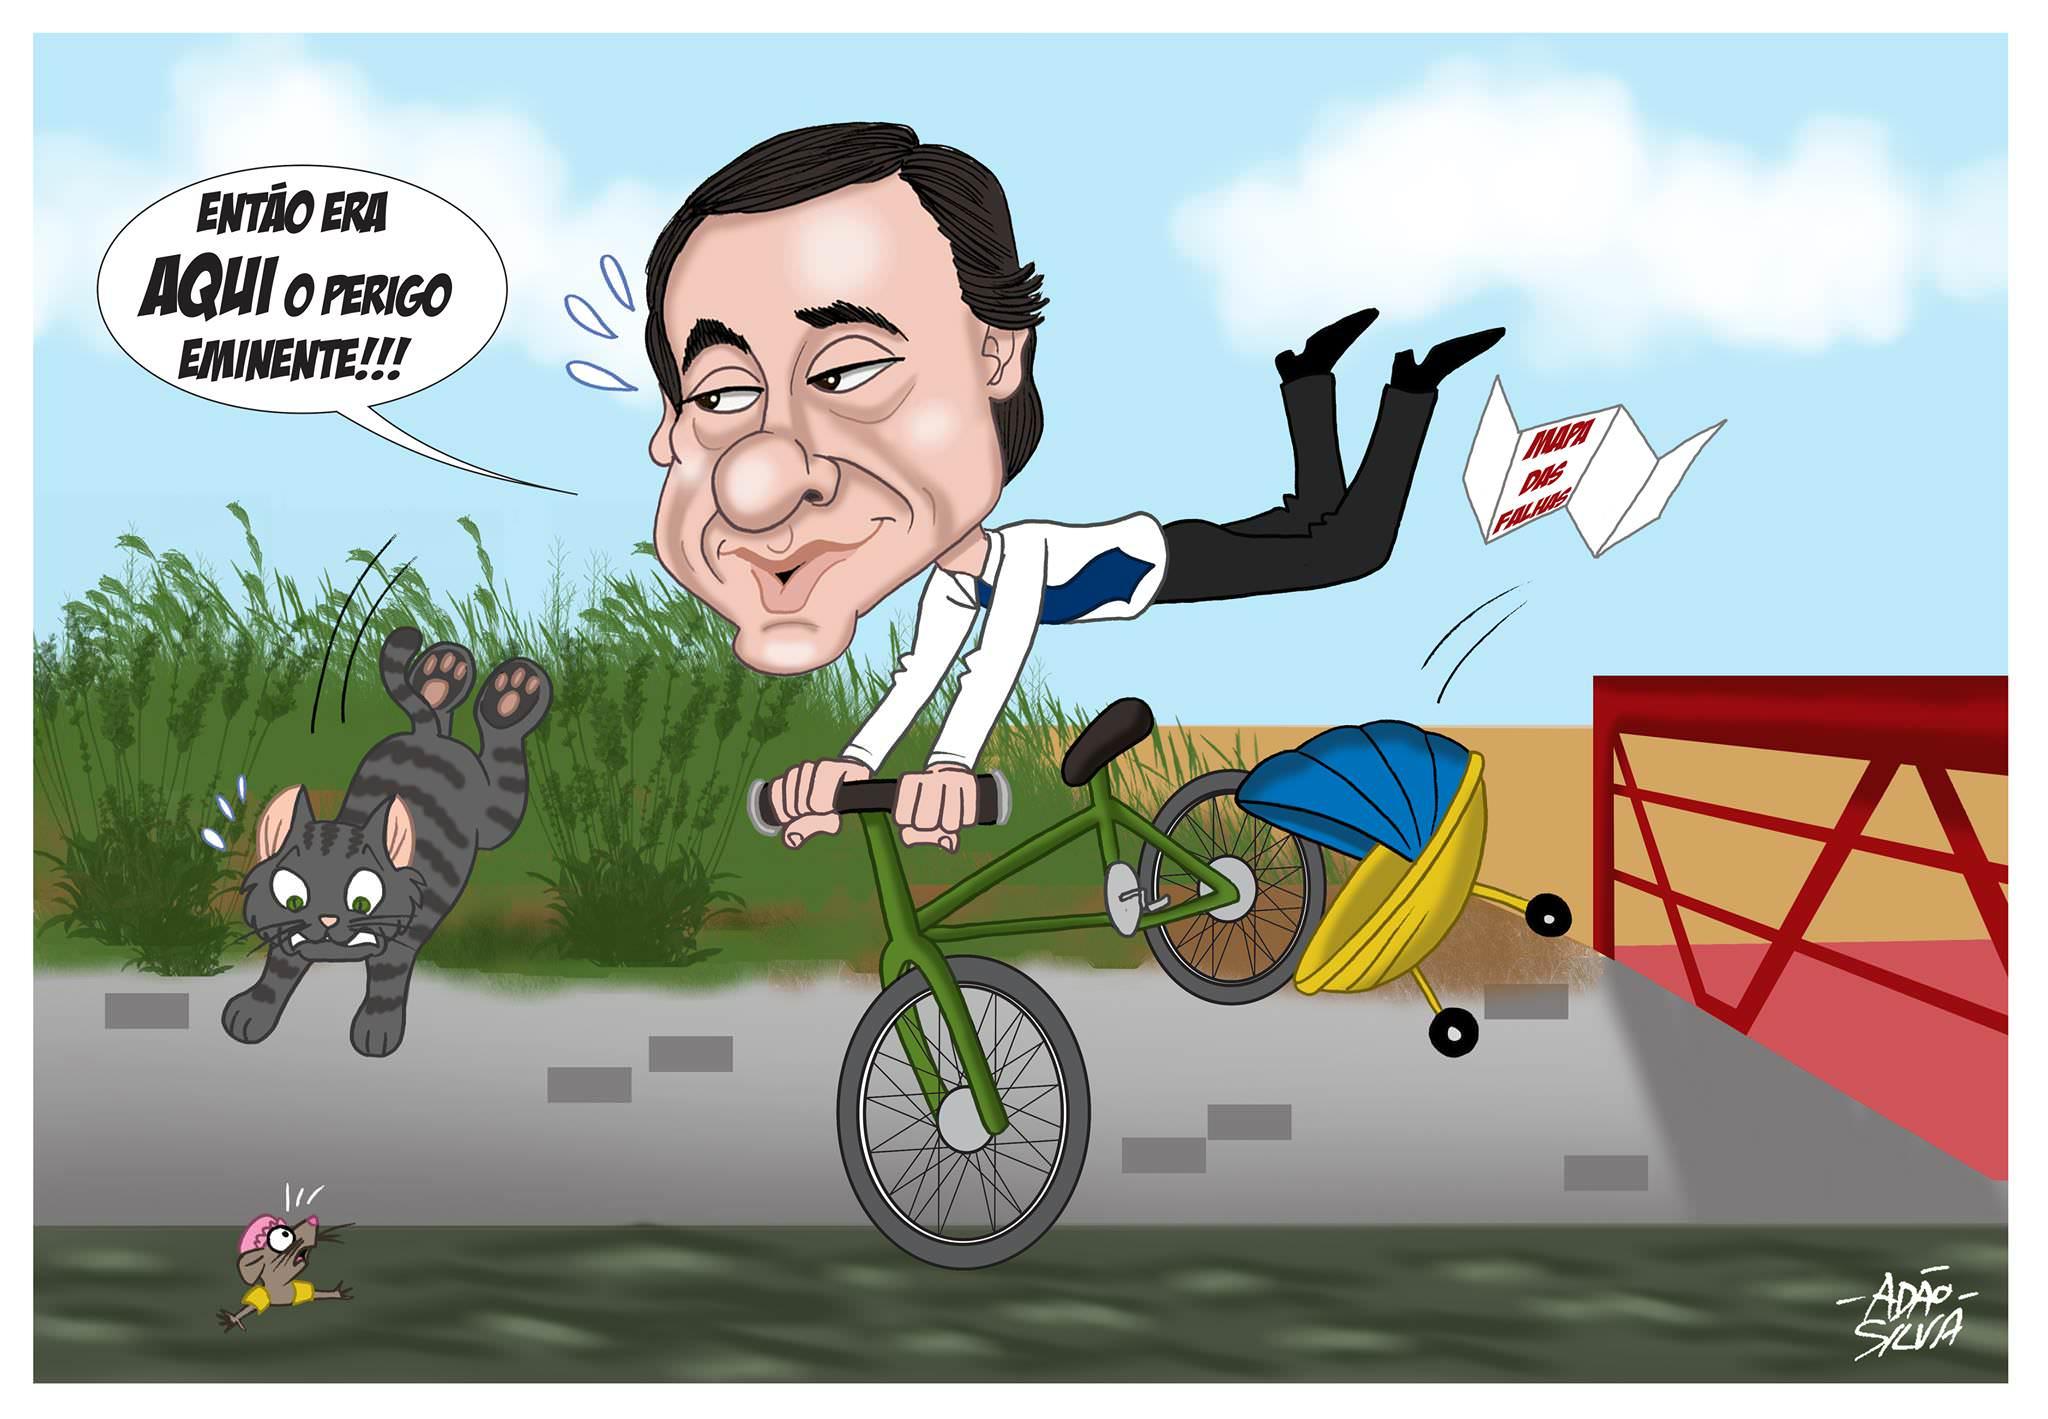 Ciclocartoon de Adão Silva: Perigo na ciclovia do Rio Este